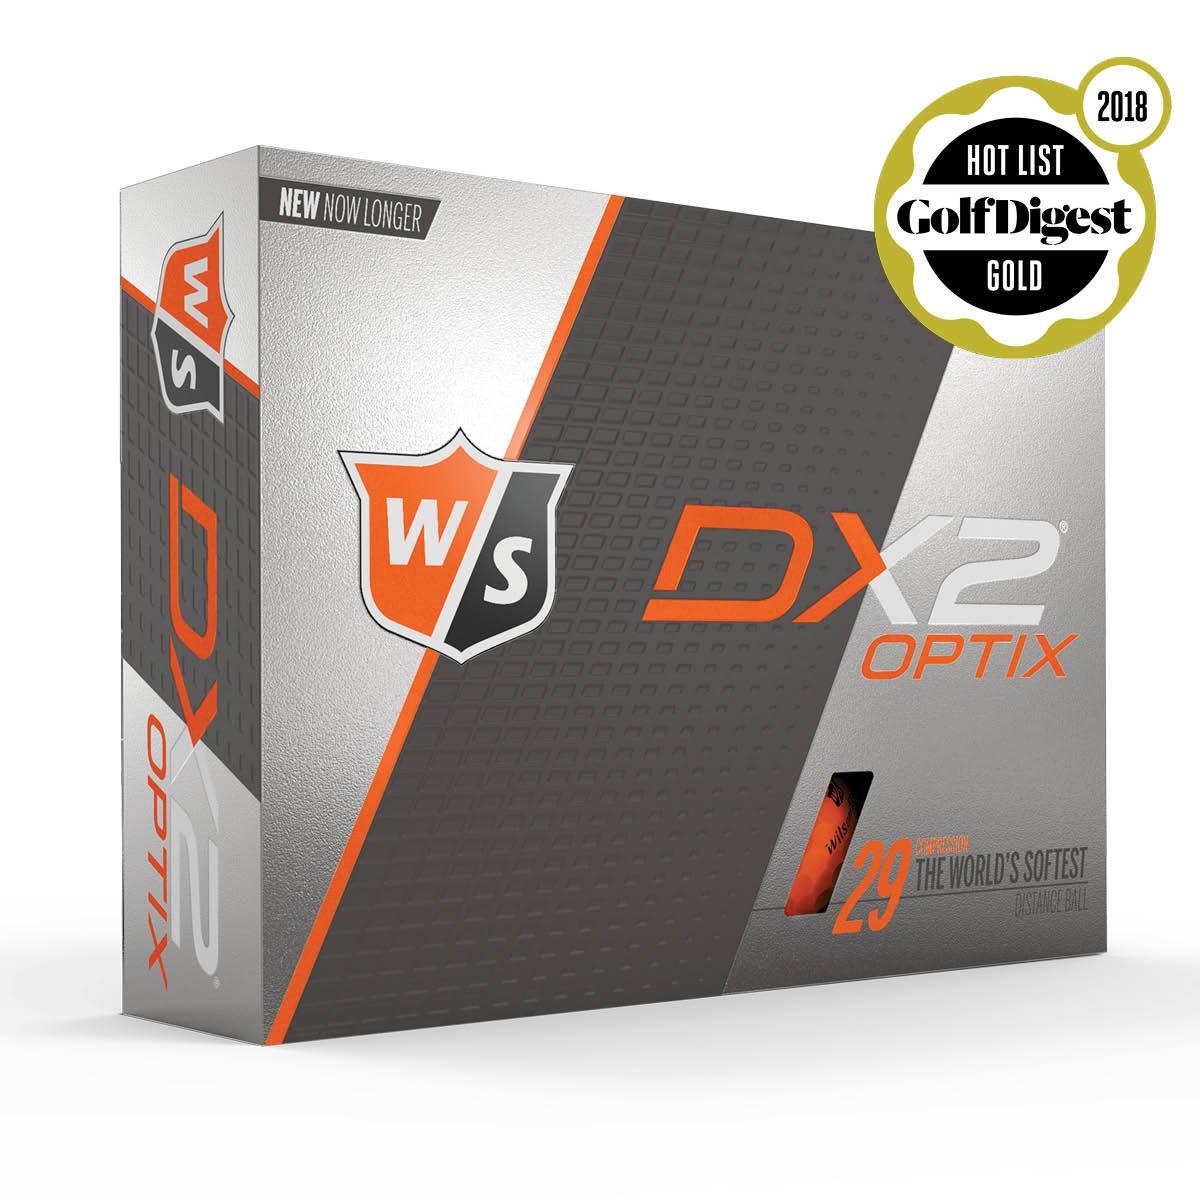 WILSON STAFF - DX2 SOFT OPTIX ORANGE GOLF BALLS - 12 PACK